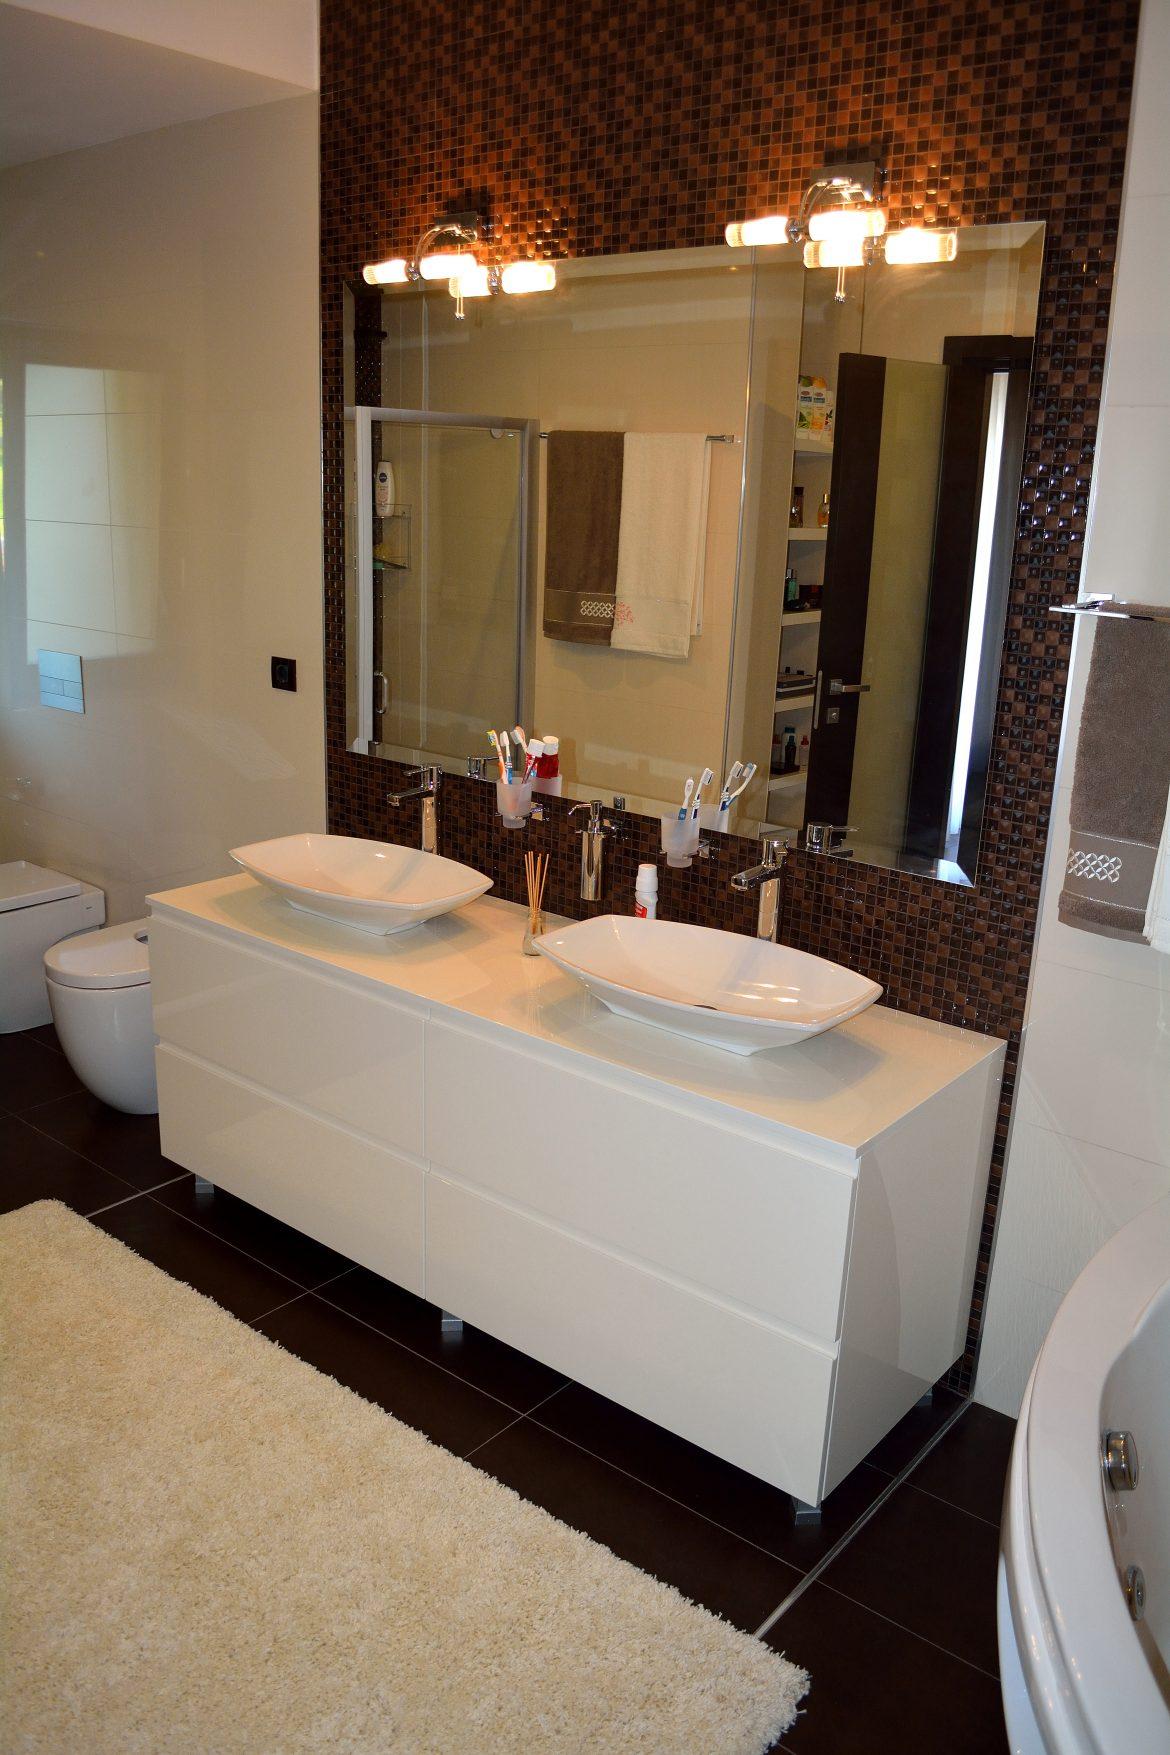 Mobilier modern baie din Mdf Vopsit lucios Crem deschis cu 4 sertare silentioase Blum si frezare maner